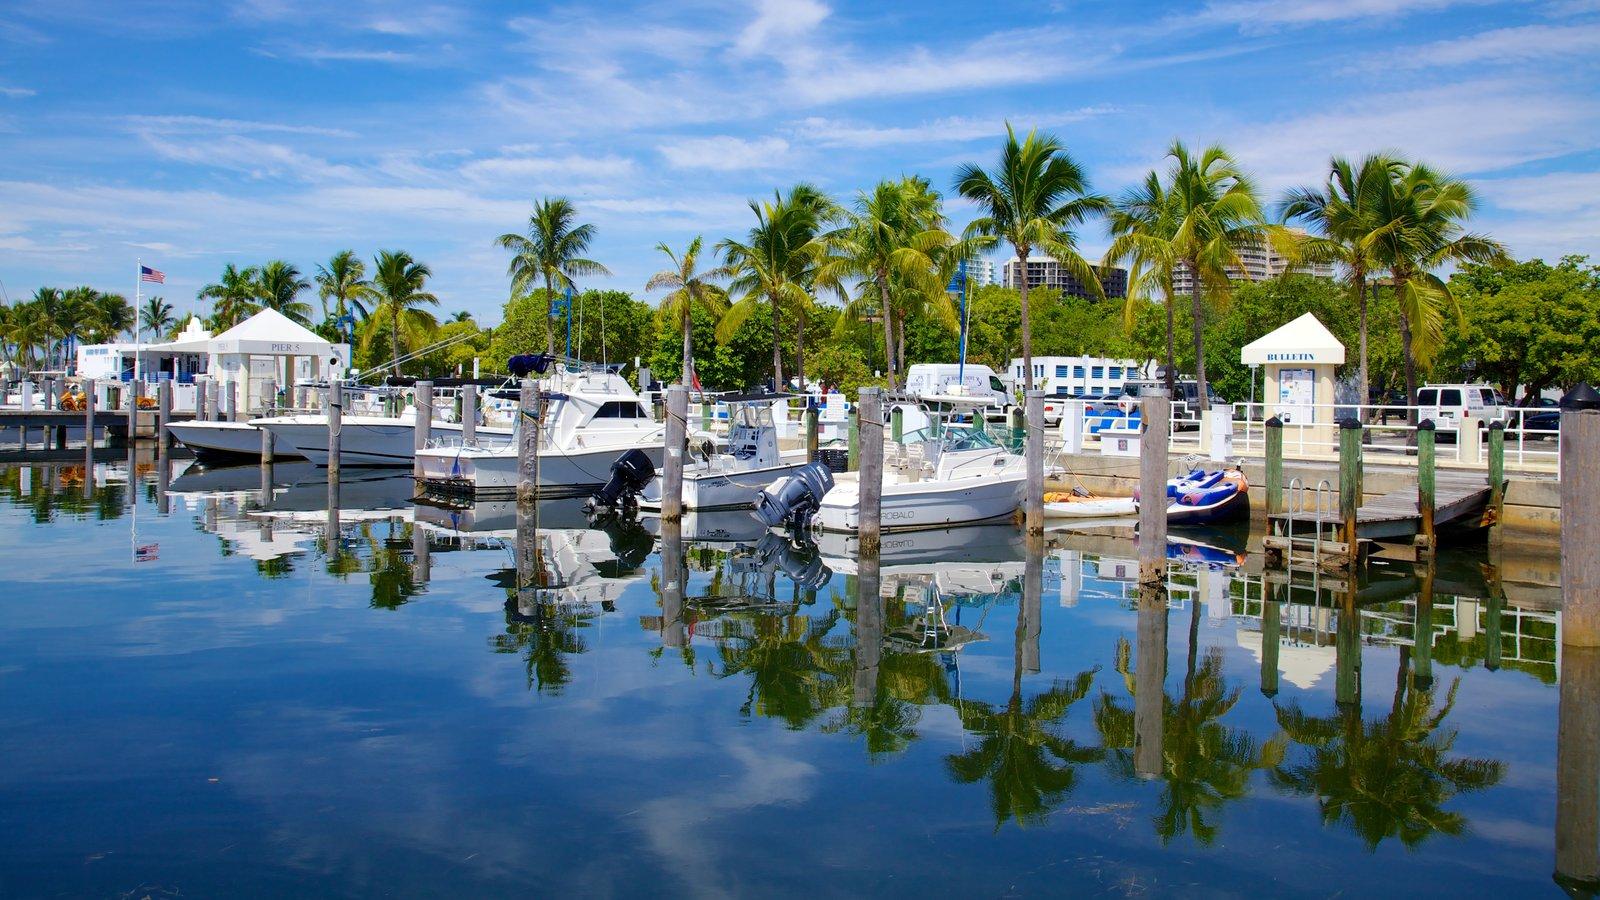 Coconut Grove mostrando cenas tropicais e uma marina